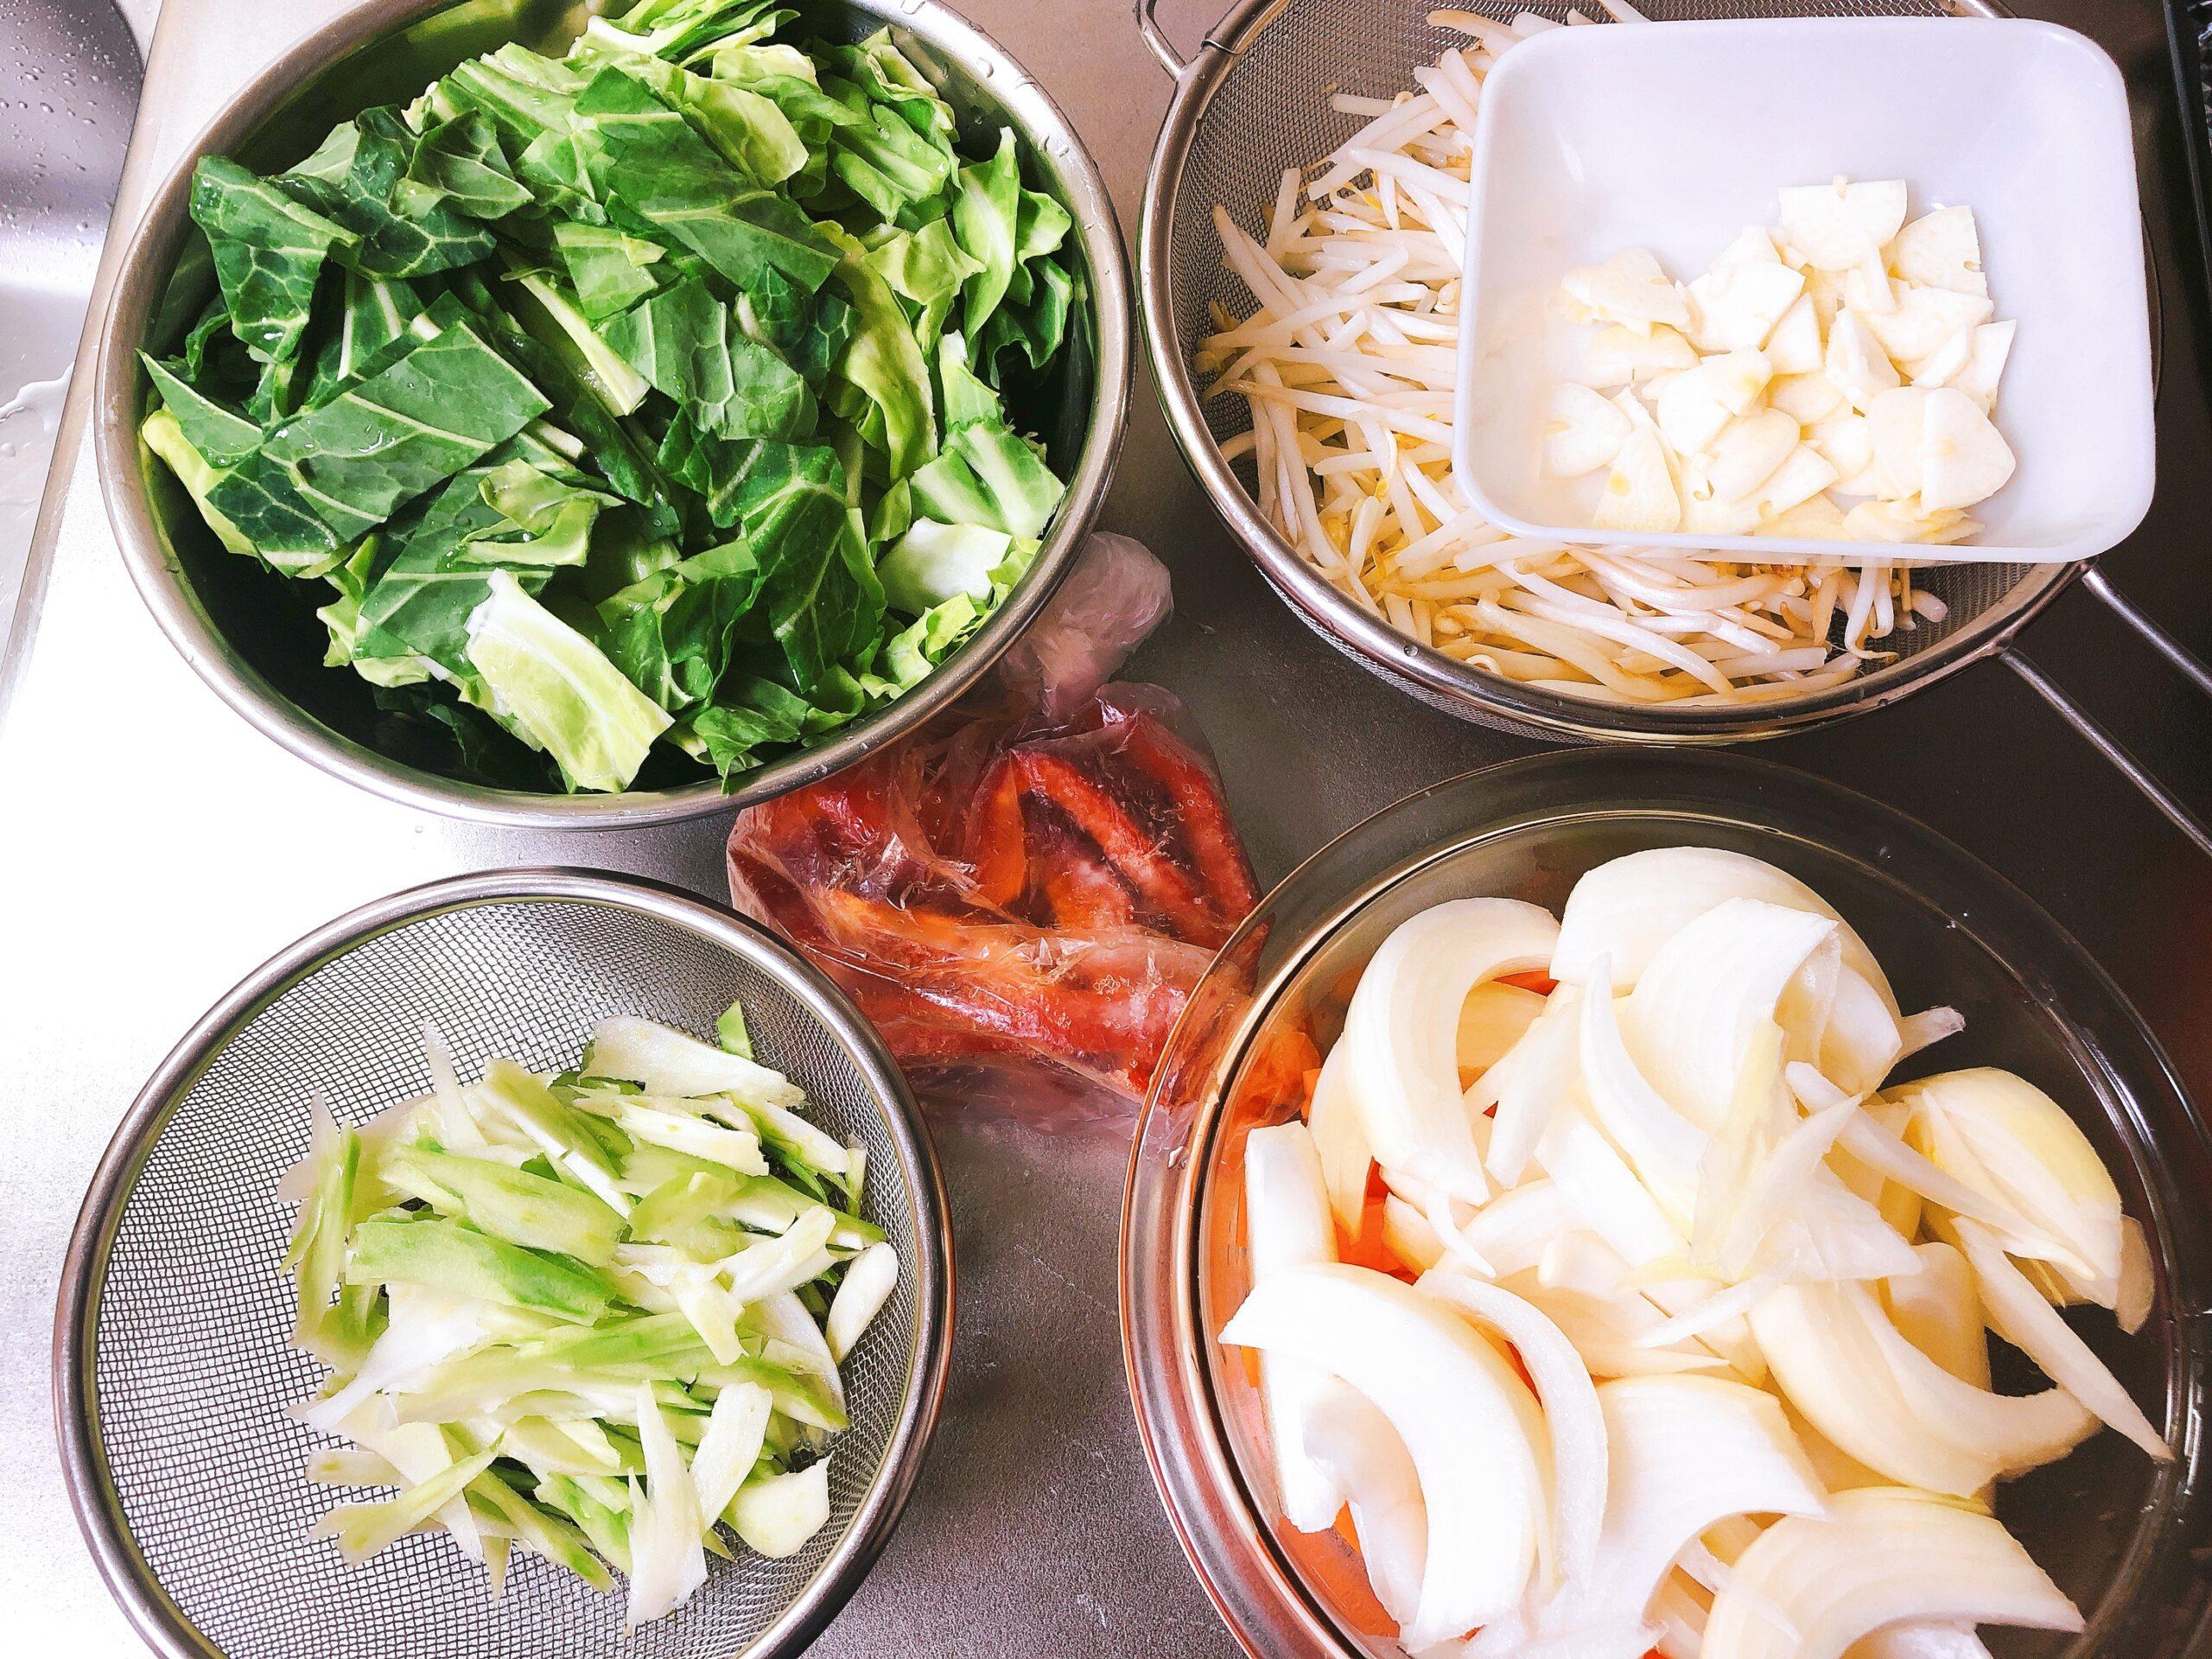 野菜炒め具材